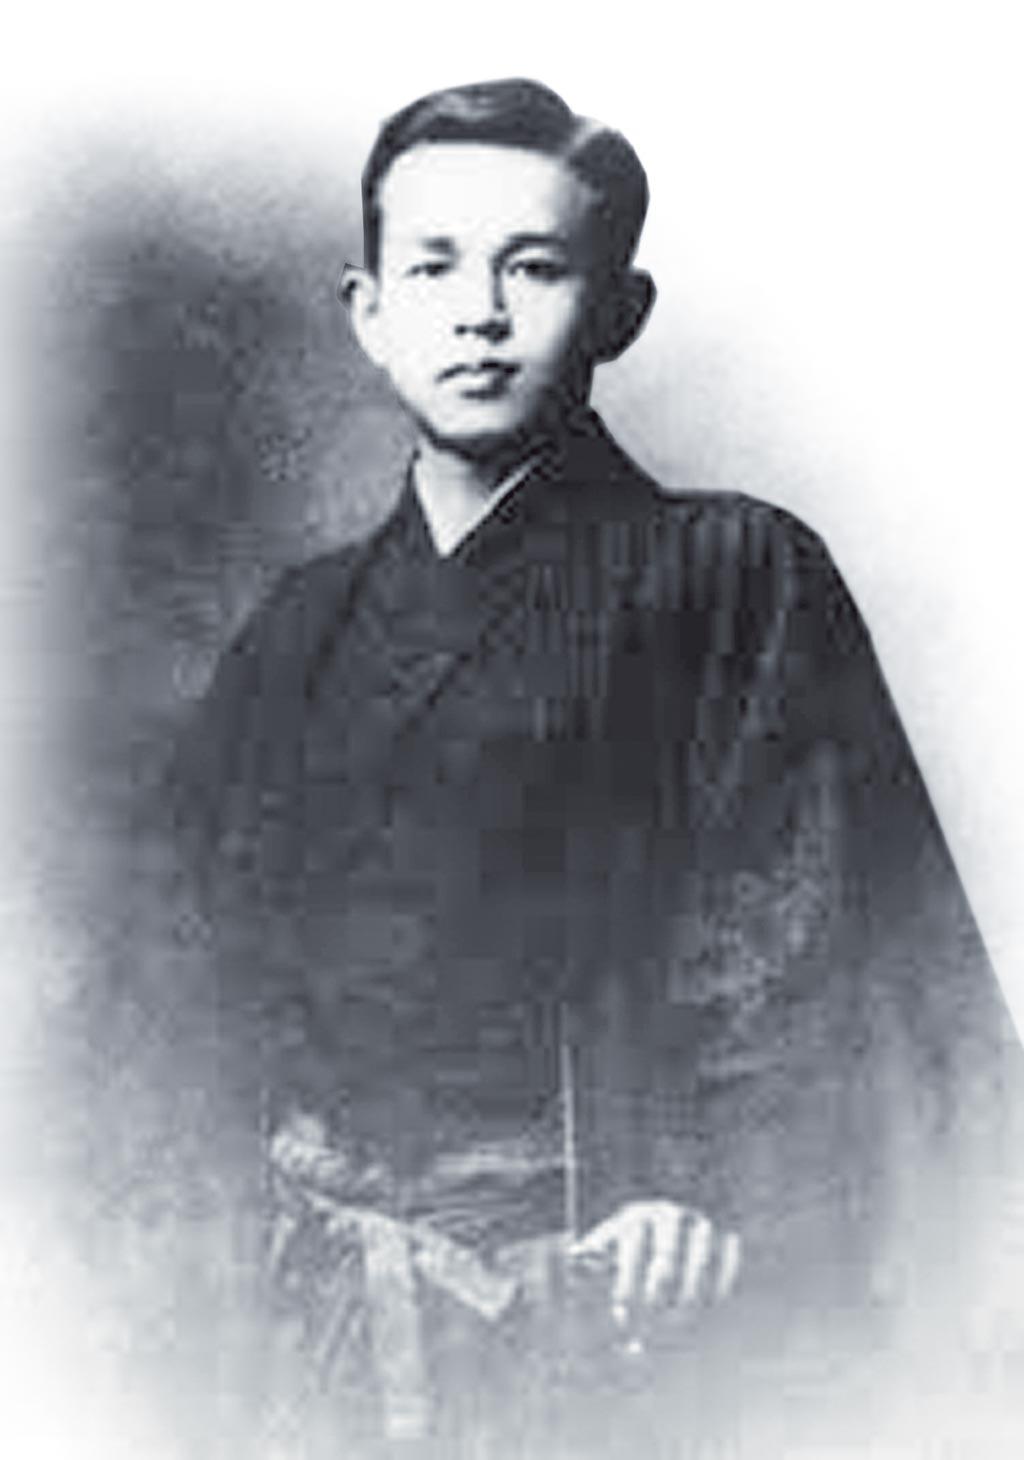 啄木本名「石川一」,盛岡中學校時期,曾以筆名「石川翠江」發表詩作。(摘自網路)